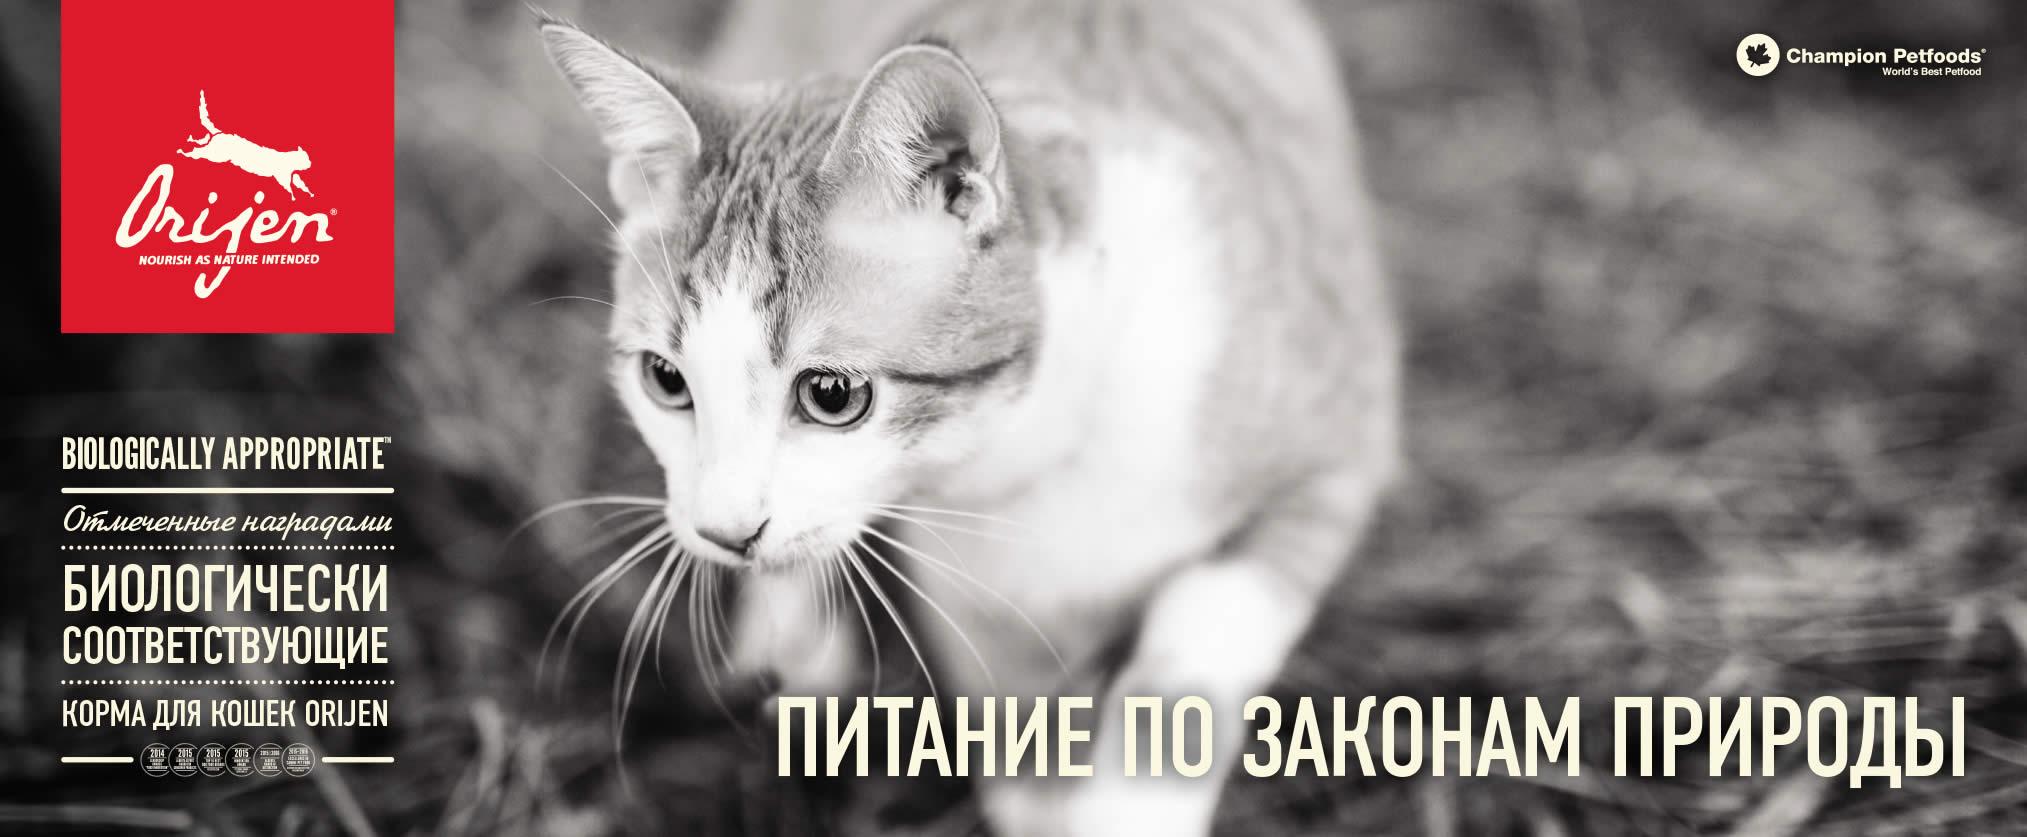 КОРМ ДЛЯ КОШЕК ORIJEN FIT&TRIM - YouTube